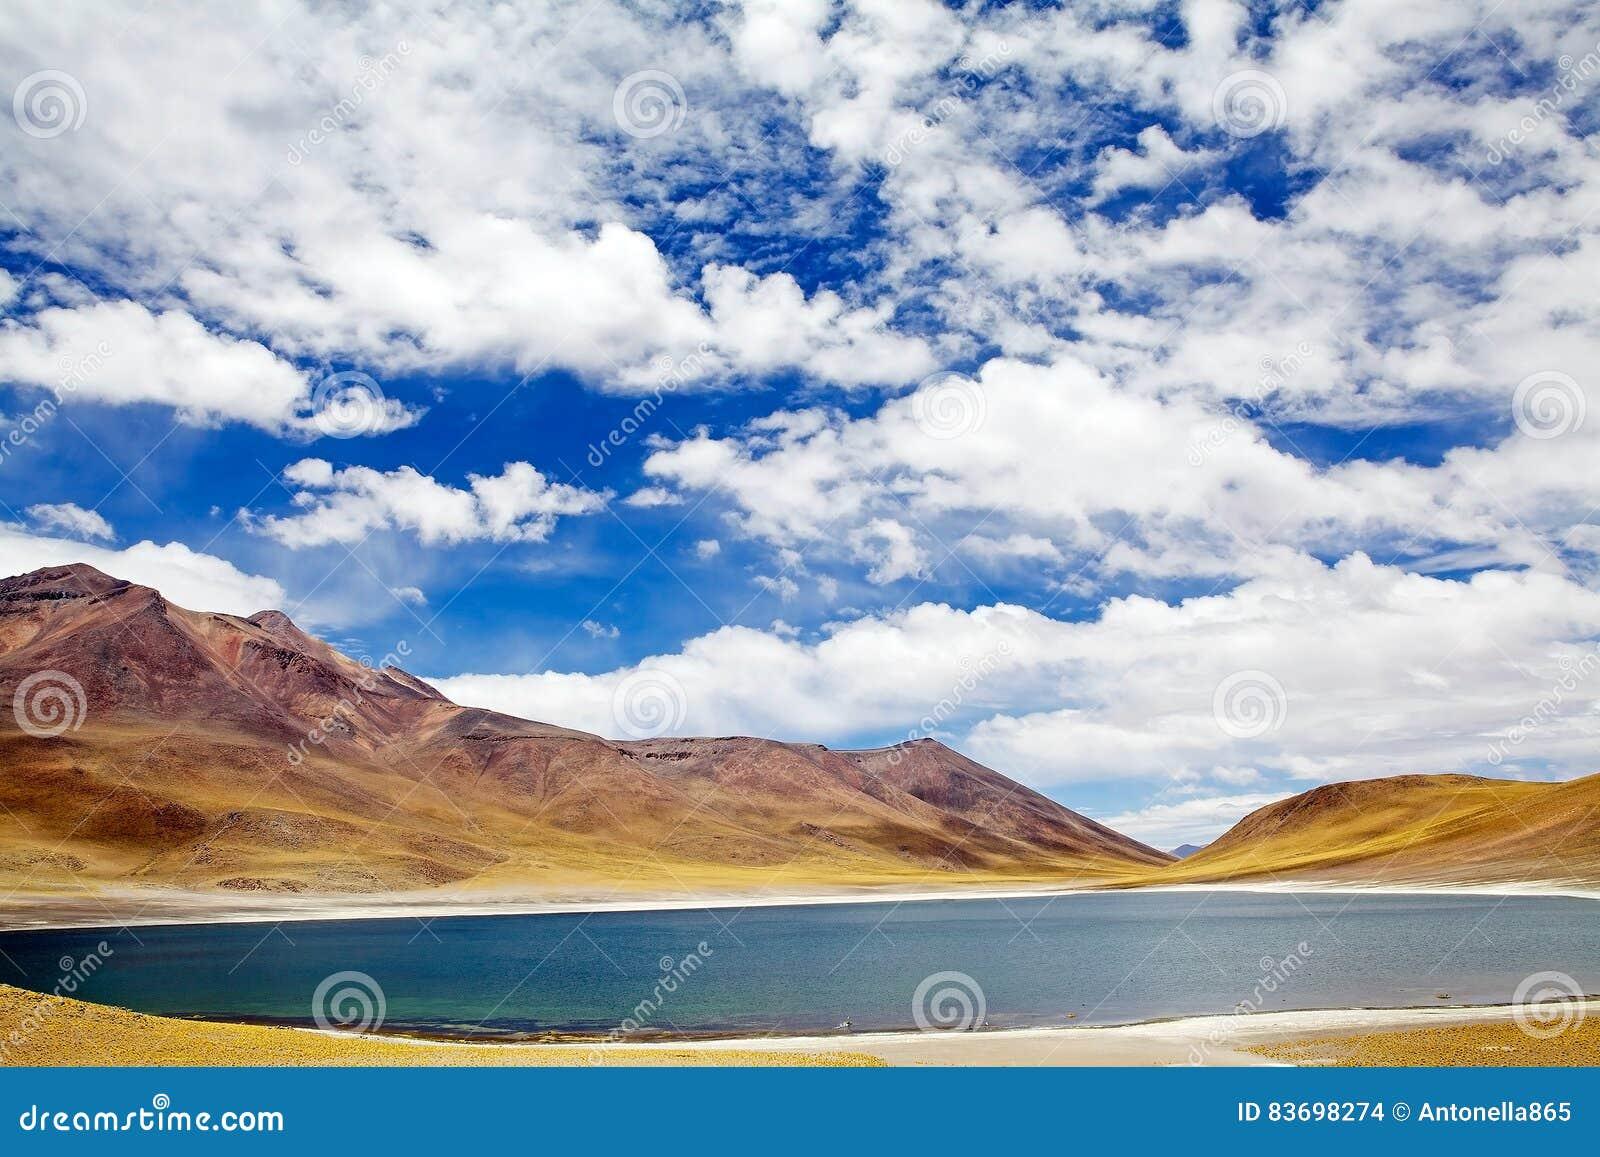 Lagoa no deserto de Atacama, o Chile de Miniques